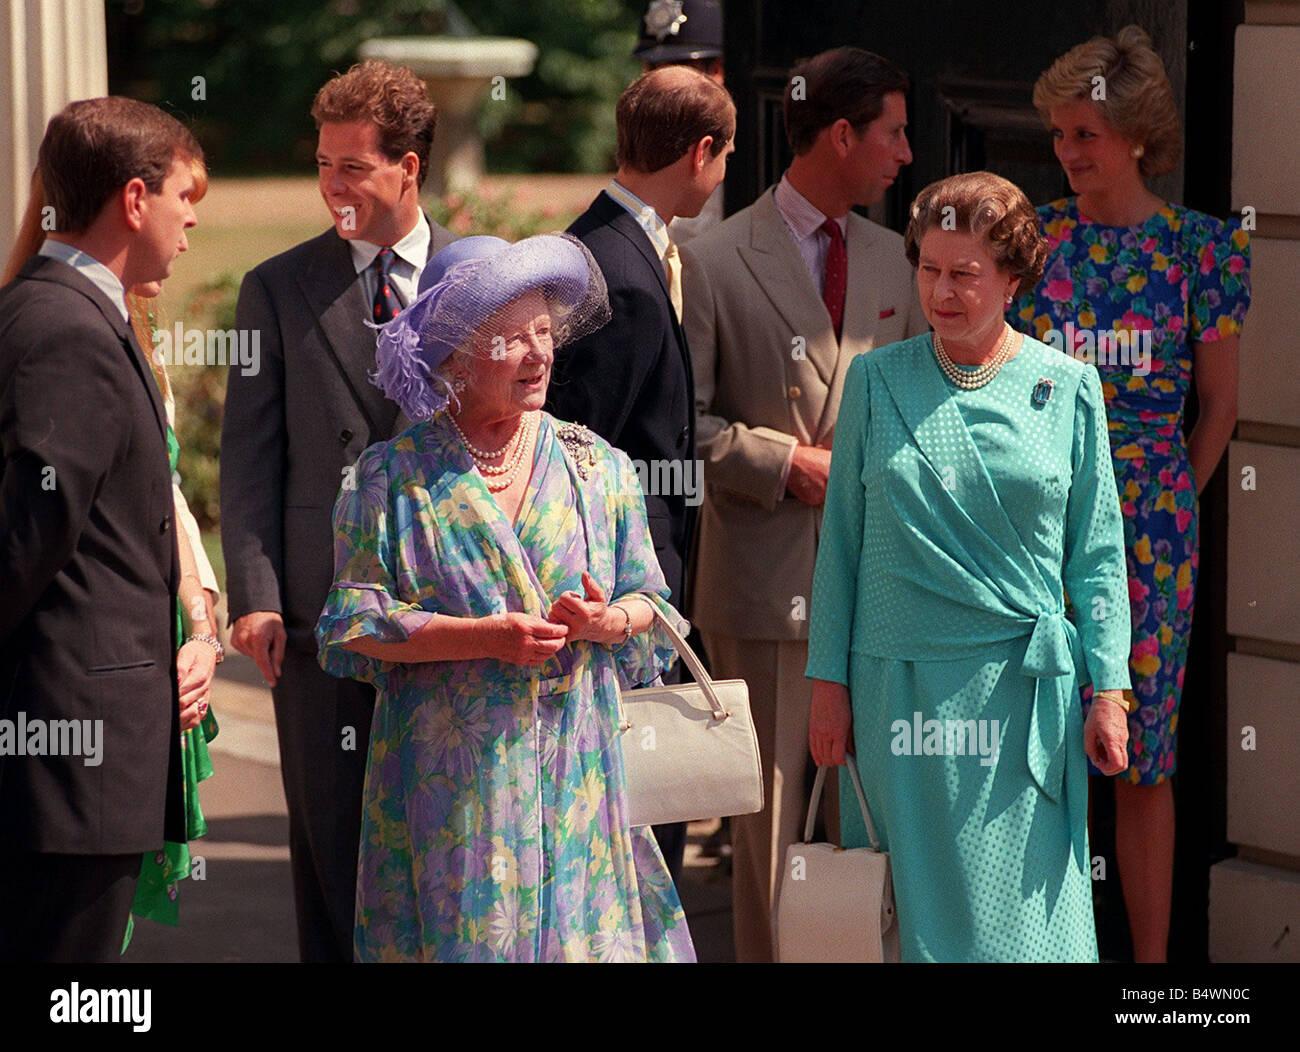 Konigin Mutter Geburtstag 1989 Stehen Aussen Clarence House An Ihrem